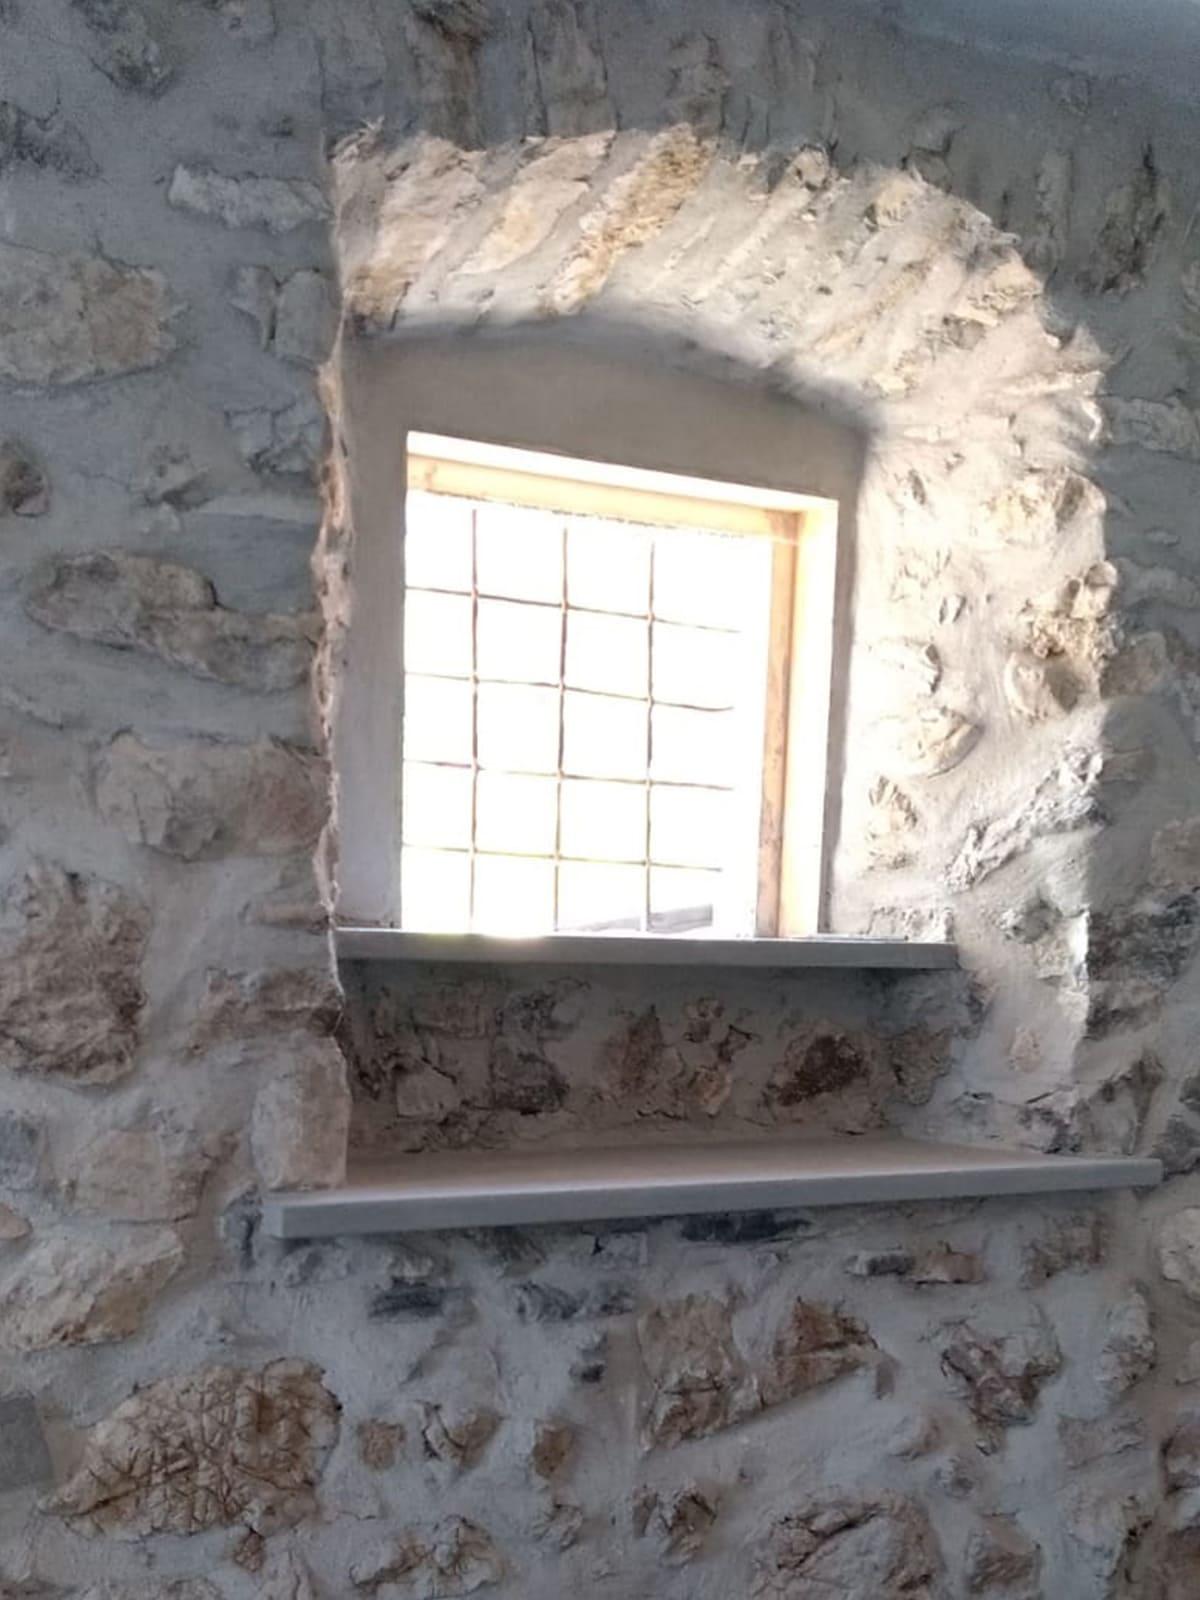 Riqualificazione edificio esistente Sant'Omobono - 4